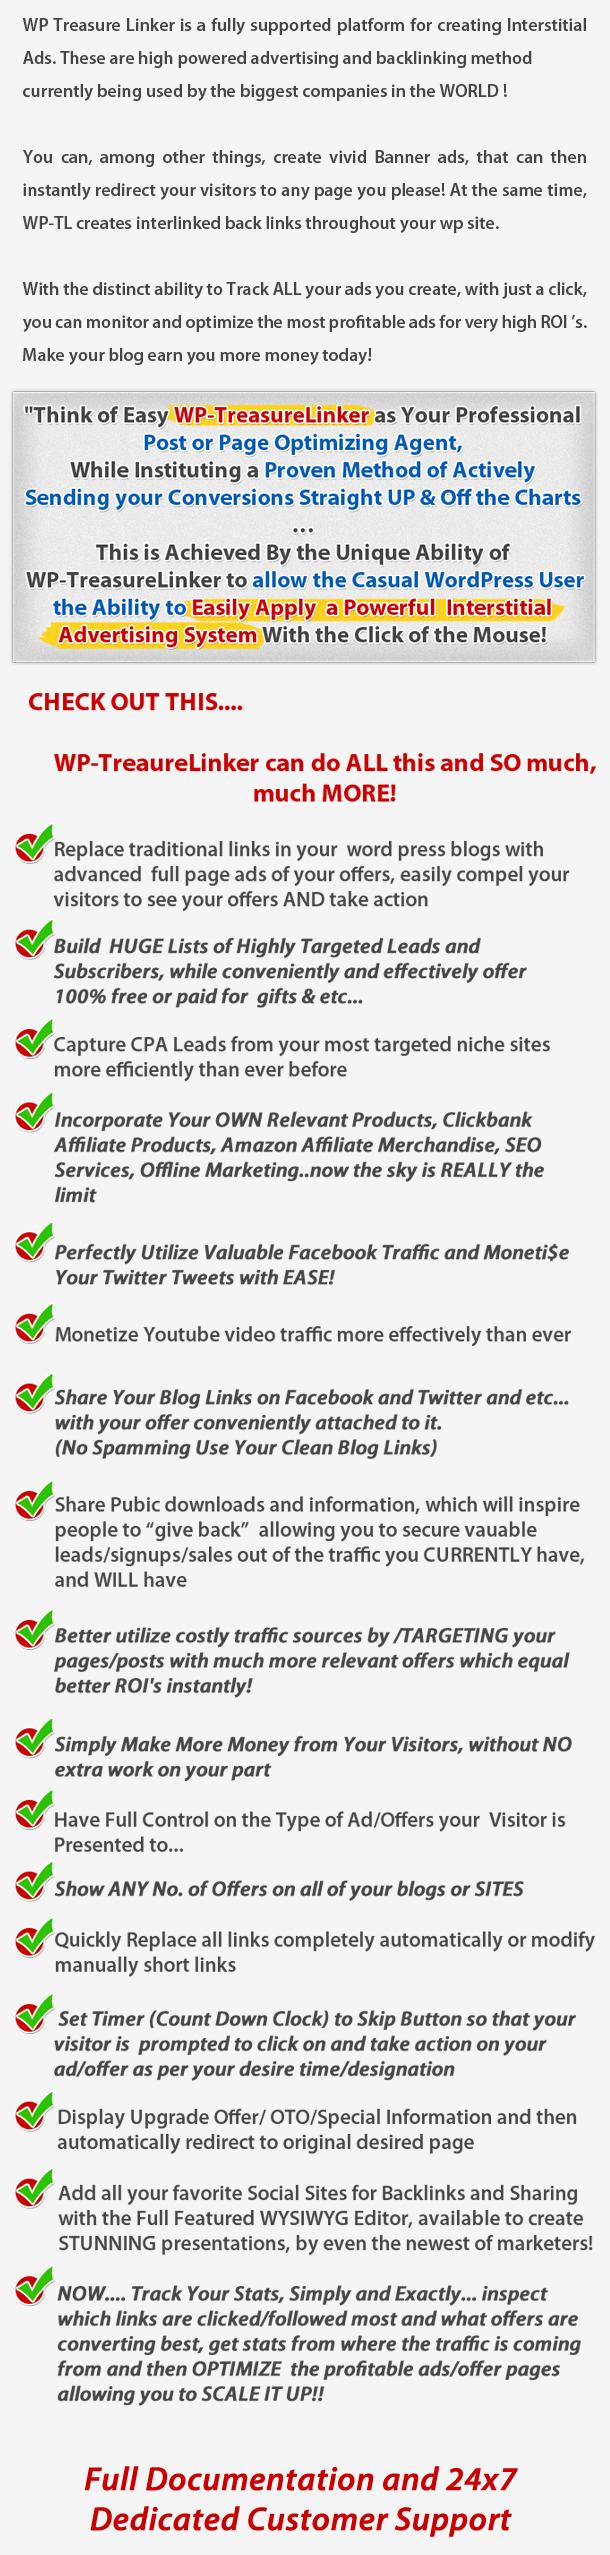 Treasure Linker piattaforma completamente supportato per la creazione di annunci interstiziali. Questi sono elevata potenza e la pubblicità metodo backlinking attualmente utilizzate le più grandi aziende del mondo! È possibile, tra le altre cose, di creare banner vivaci, che possono poi immediatamente reindirizzare i visitatori qualsiasi pagina, per favore! nello stesso tempo, crea interconnessi indietro collegamenti in tutto il sito. Con la possibilità distinta tenere traccia di tutti i tuoi annunci creati, con un solo clic, è possibile monitorare e ottimizzare gli annunci più redditizi per molto elevato ROI Fai il tuo blog guadagnare più soldi oggi! Facile tuo Professionale post Pagina Ottimizzazione agente, mentre l'istituzione Proven Method attivamente Inviare le conversioni direttamente dalla Charts. Questo Raggiunto la capacità unica consentono